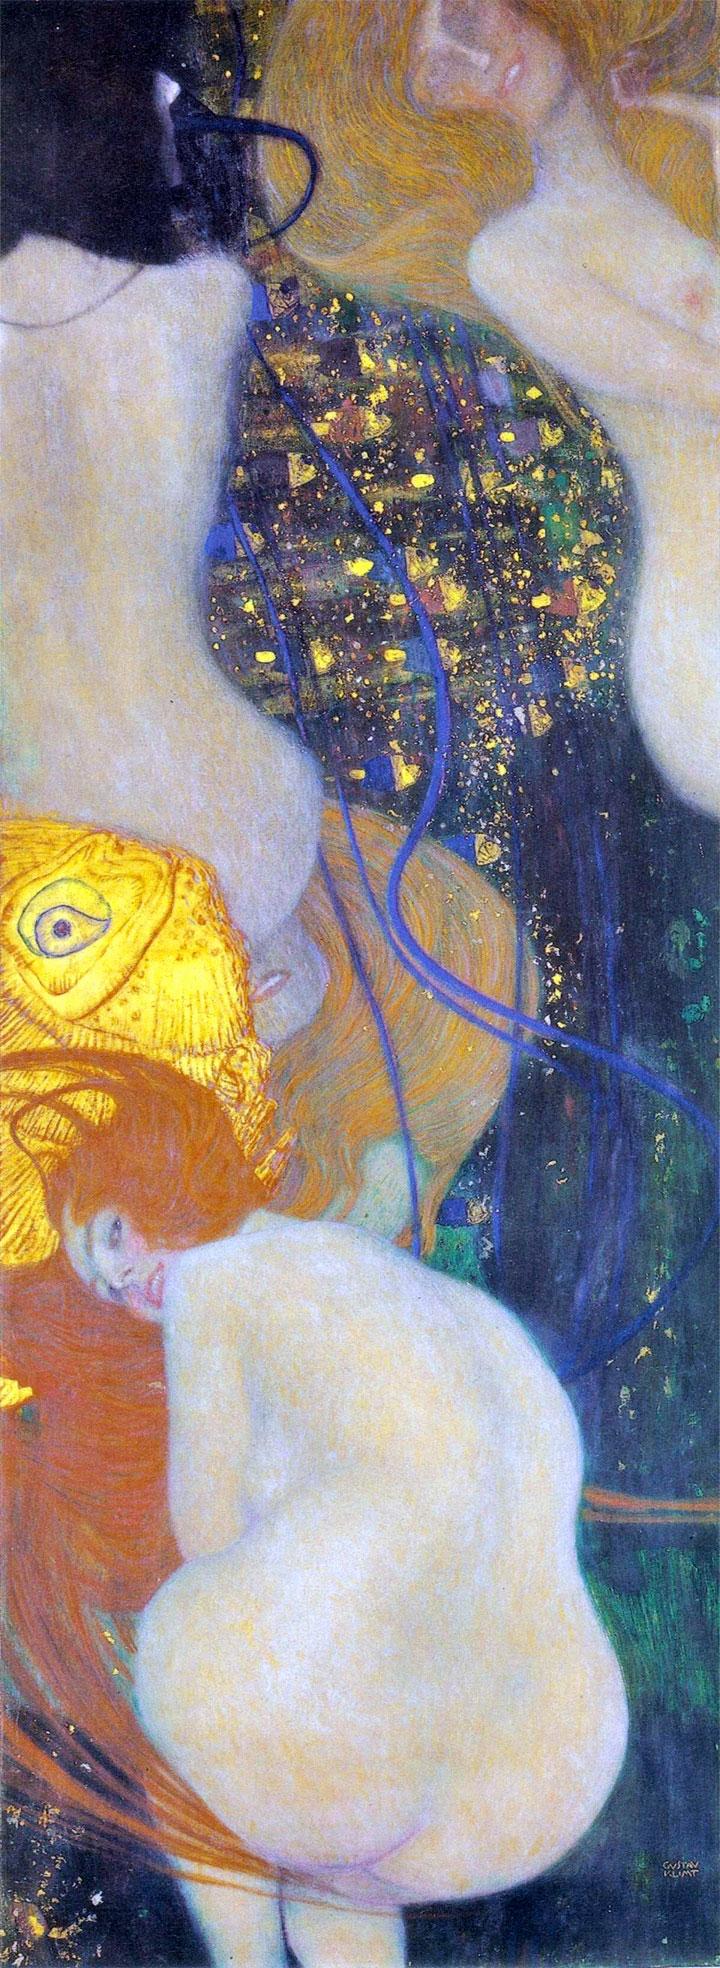 Pesci d'oro (Goldfish) Klimt, 1902